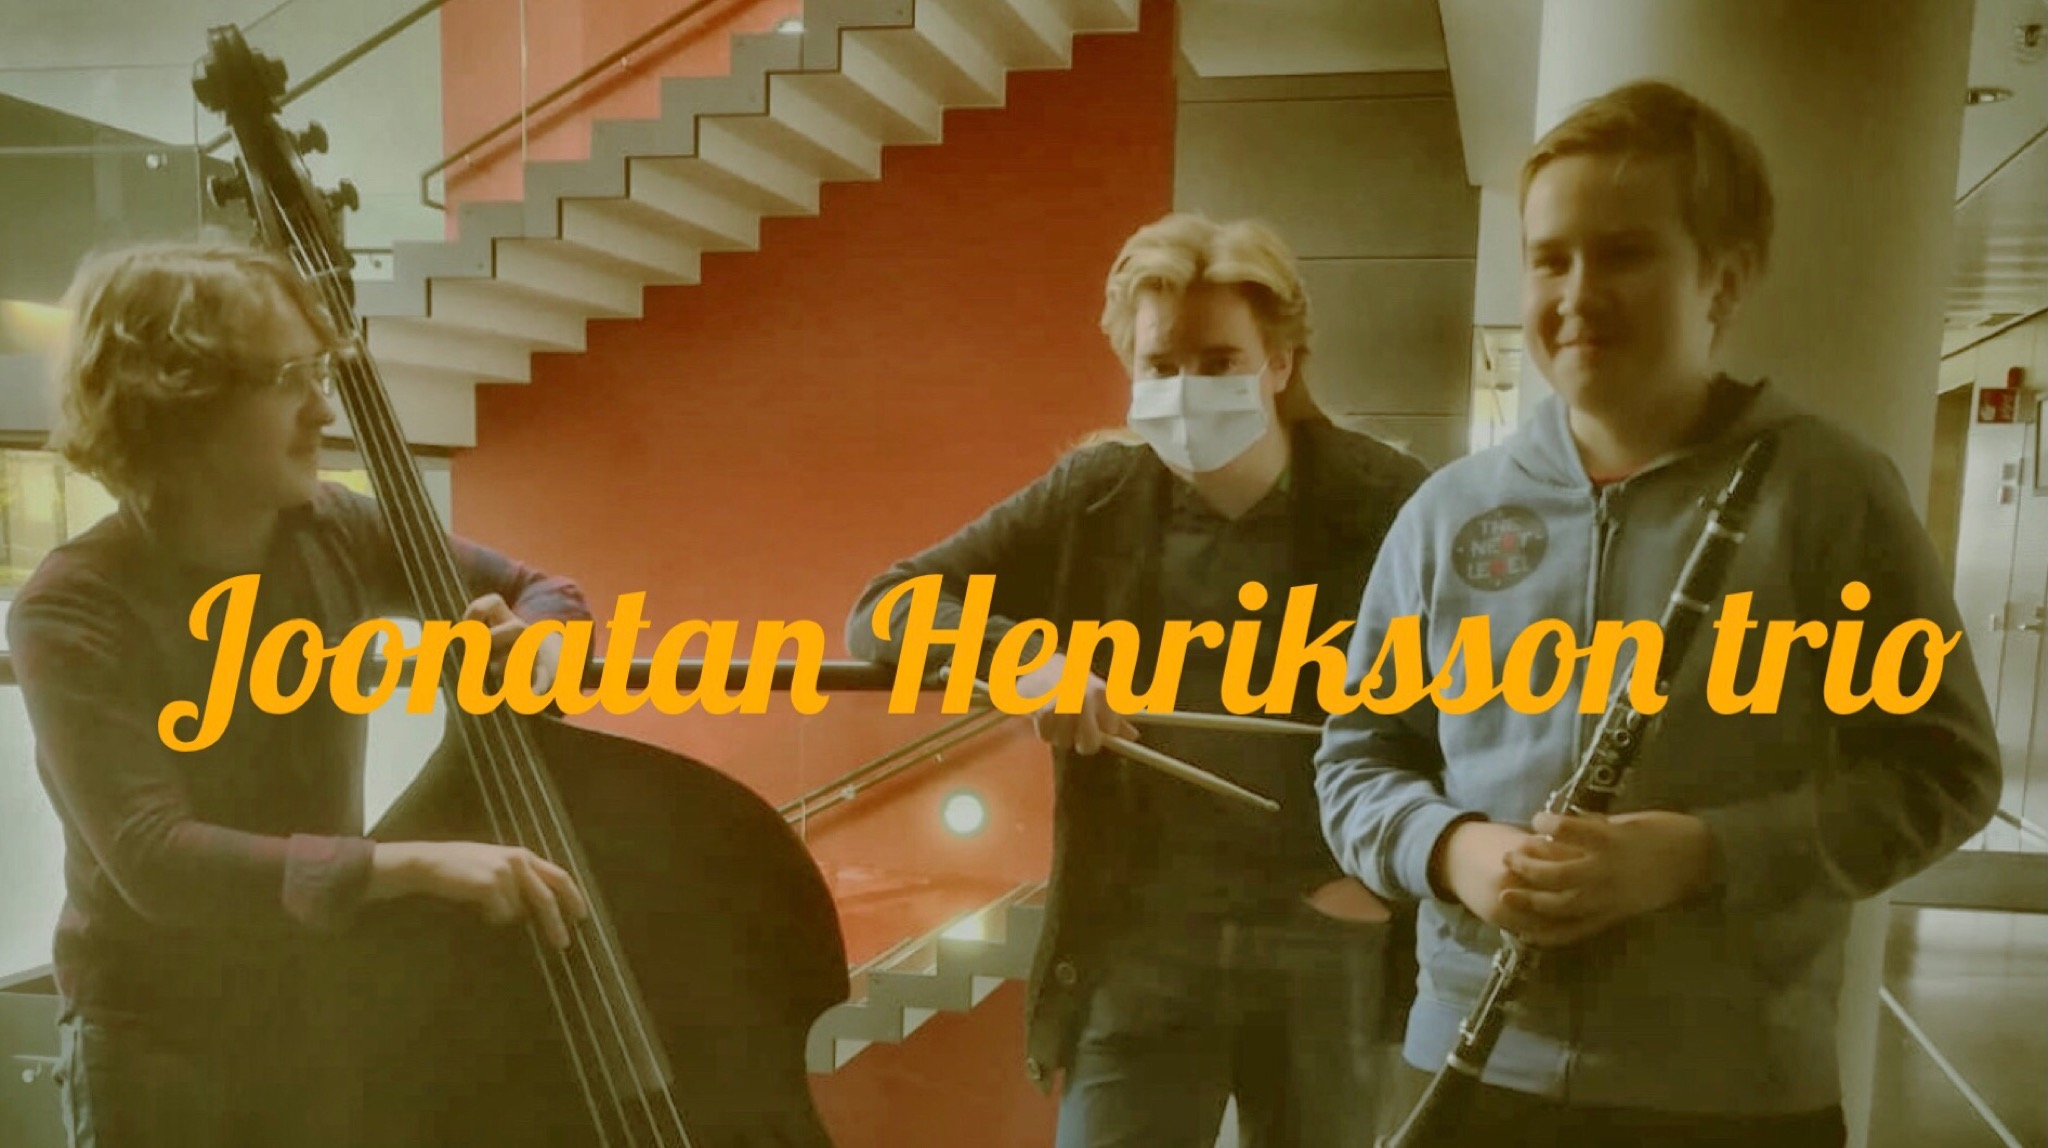 Kuvassa Joonatan Henriksson trion soittajat